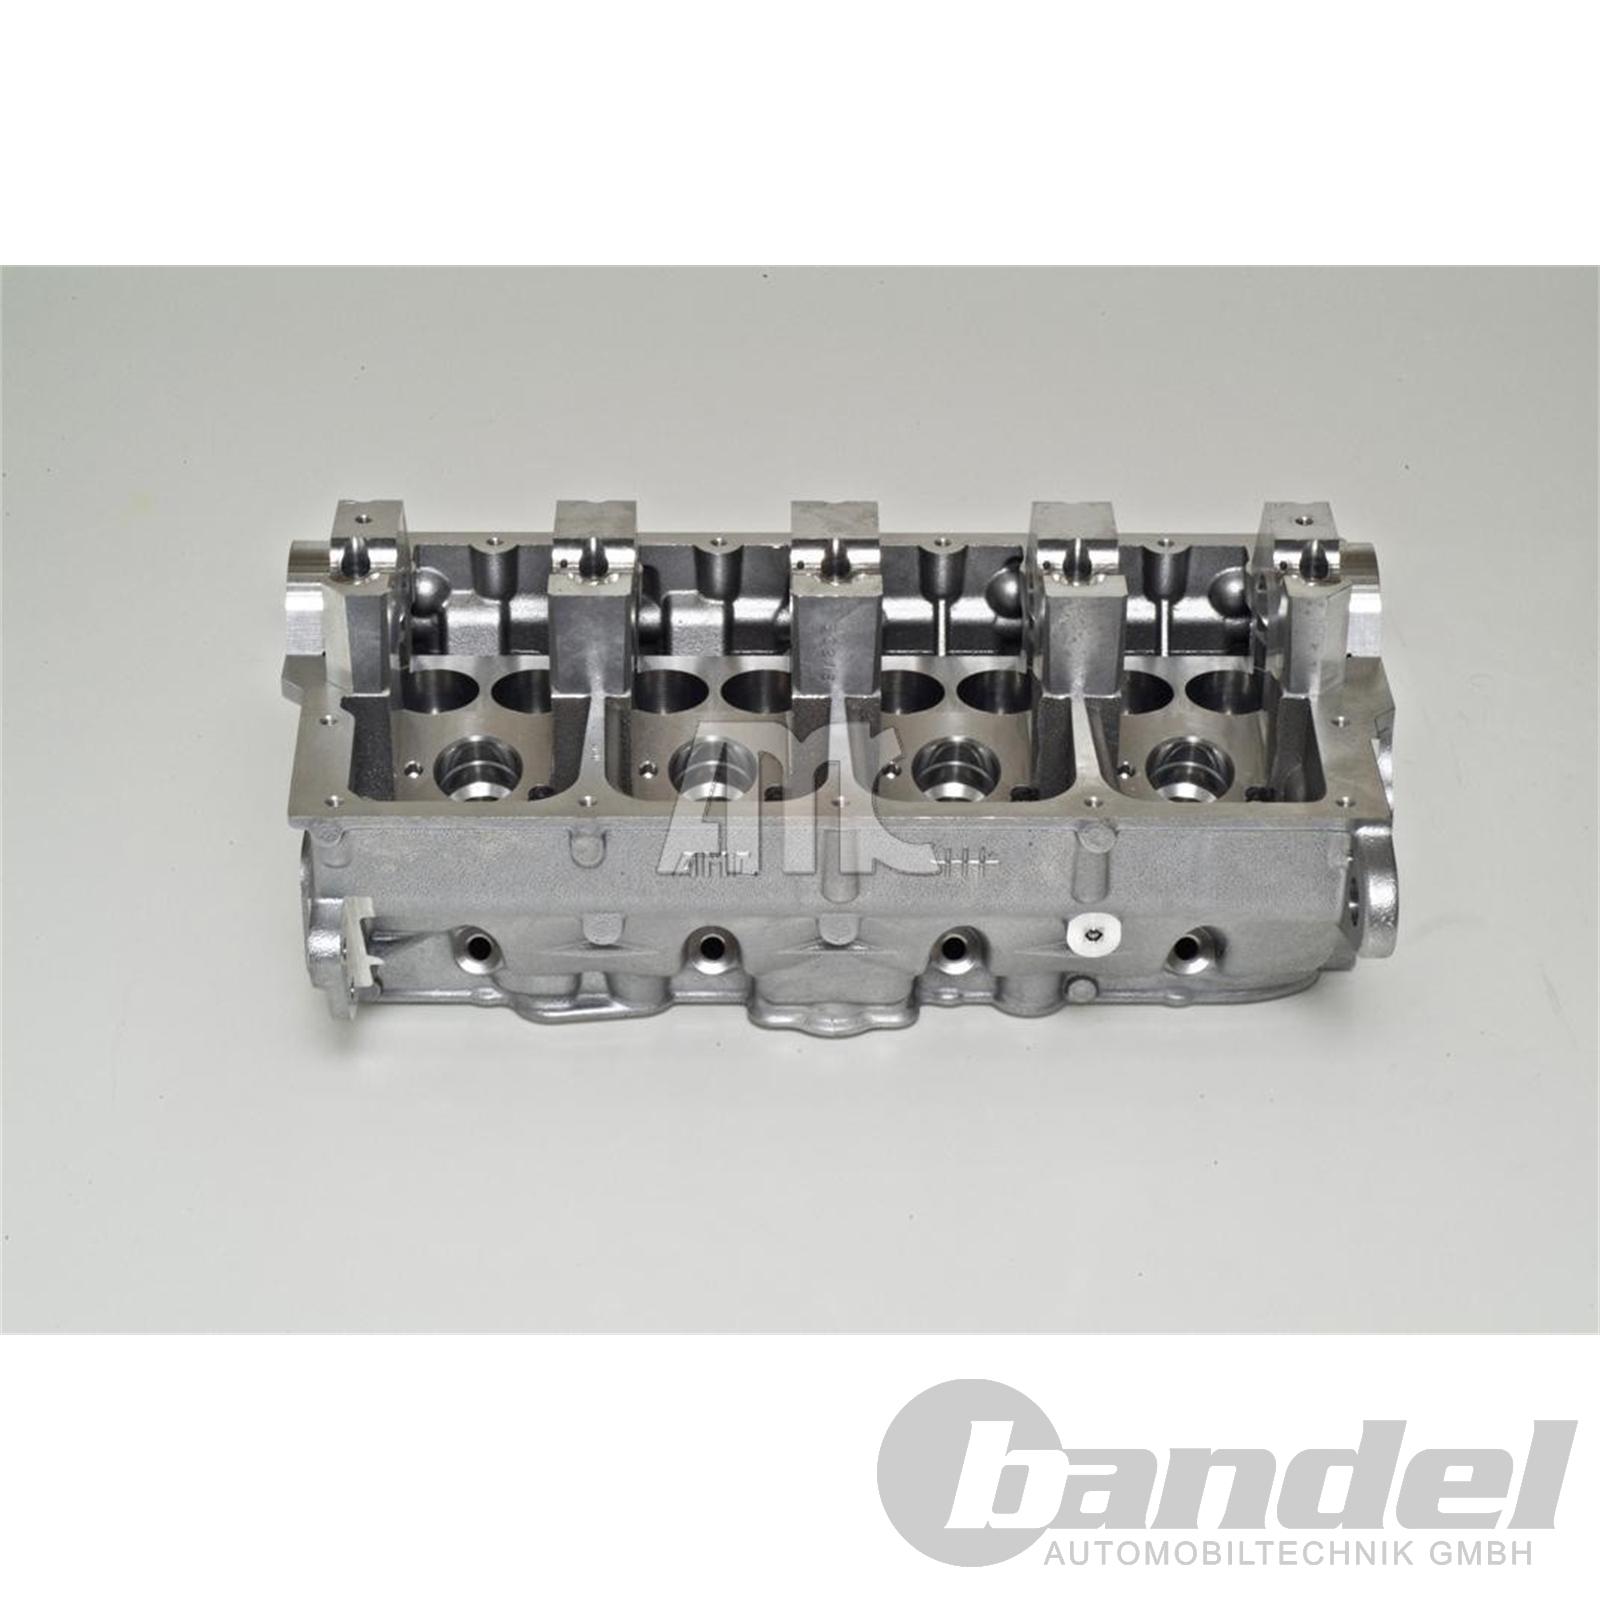 AMC ZYLINDERKOPF 1.9 2.0 TDI 8V VW GOLF 4 5 T5 PASSAT 3B